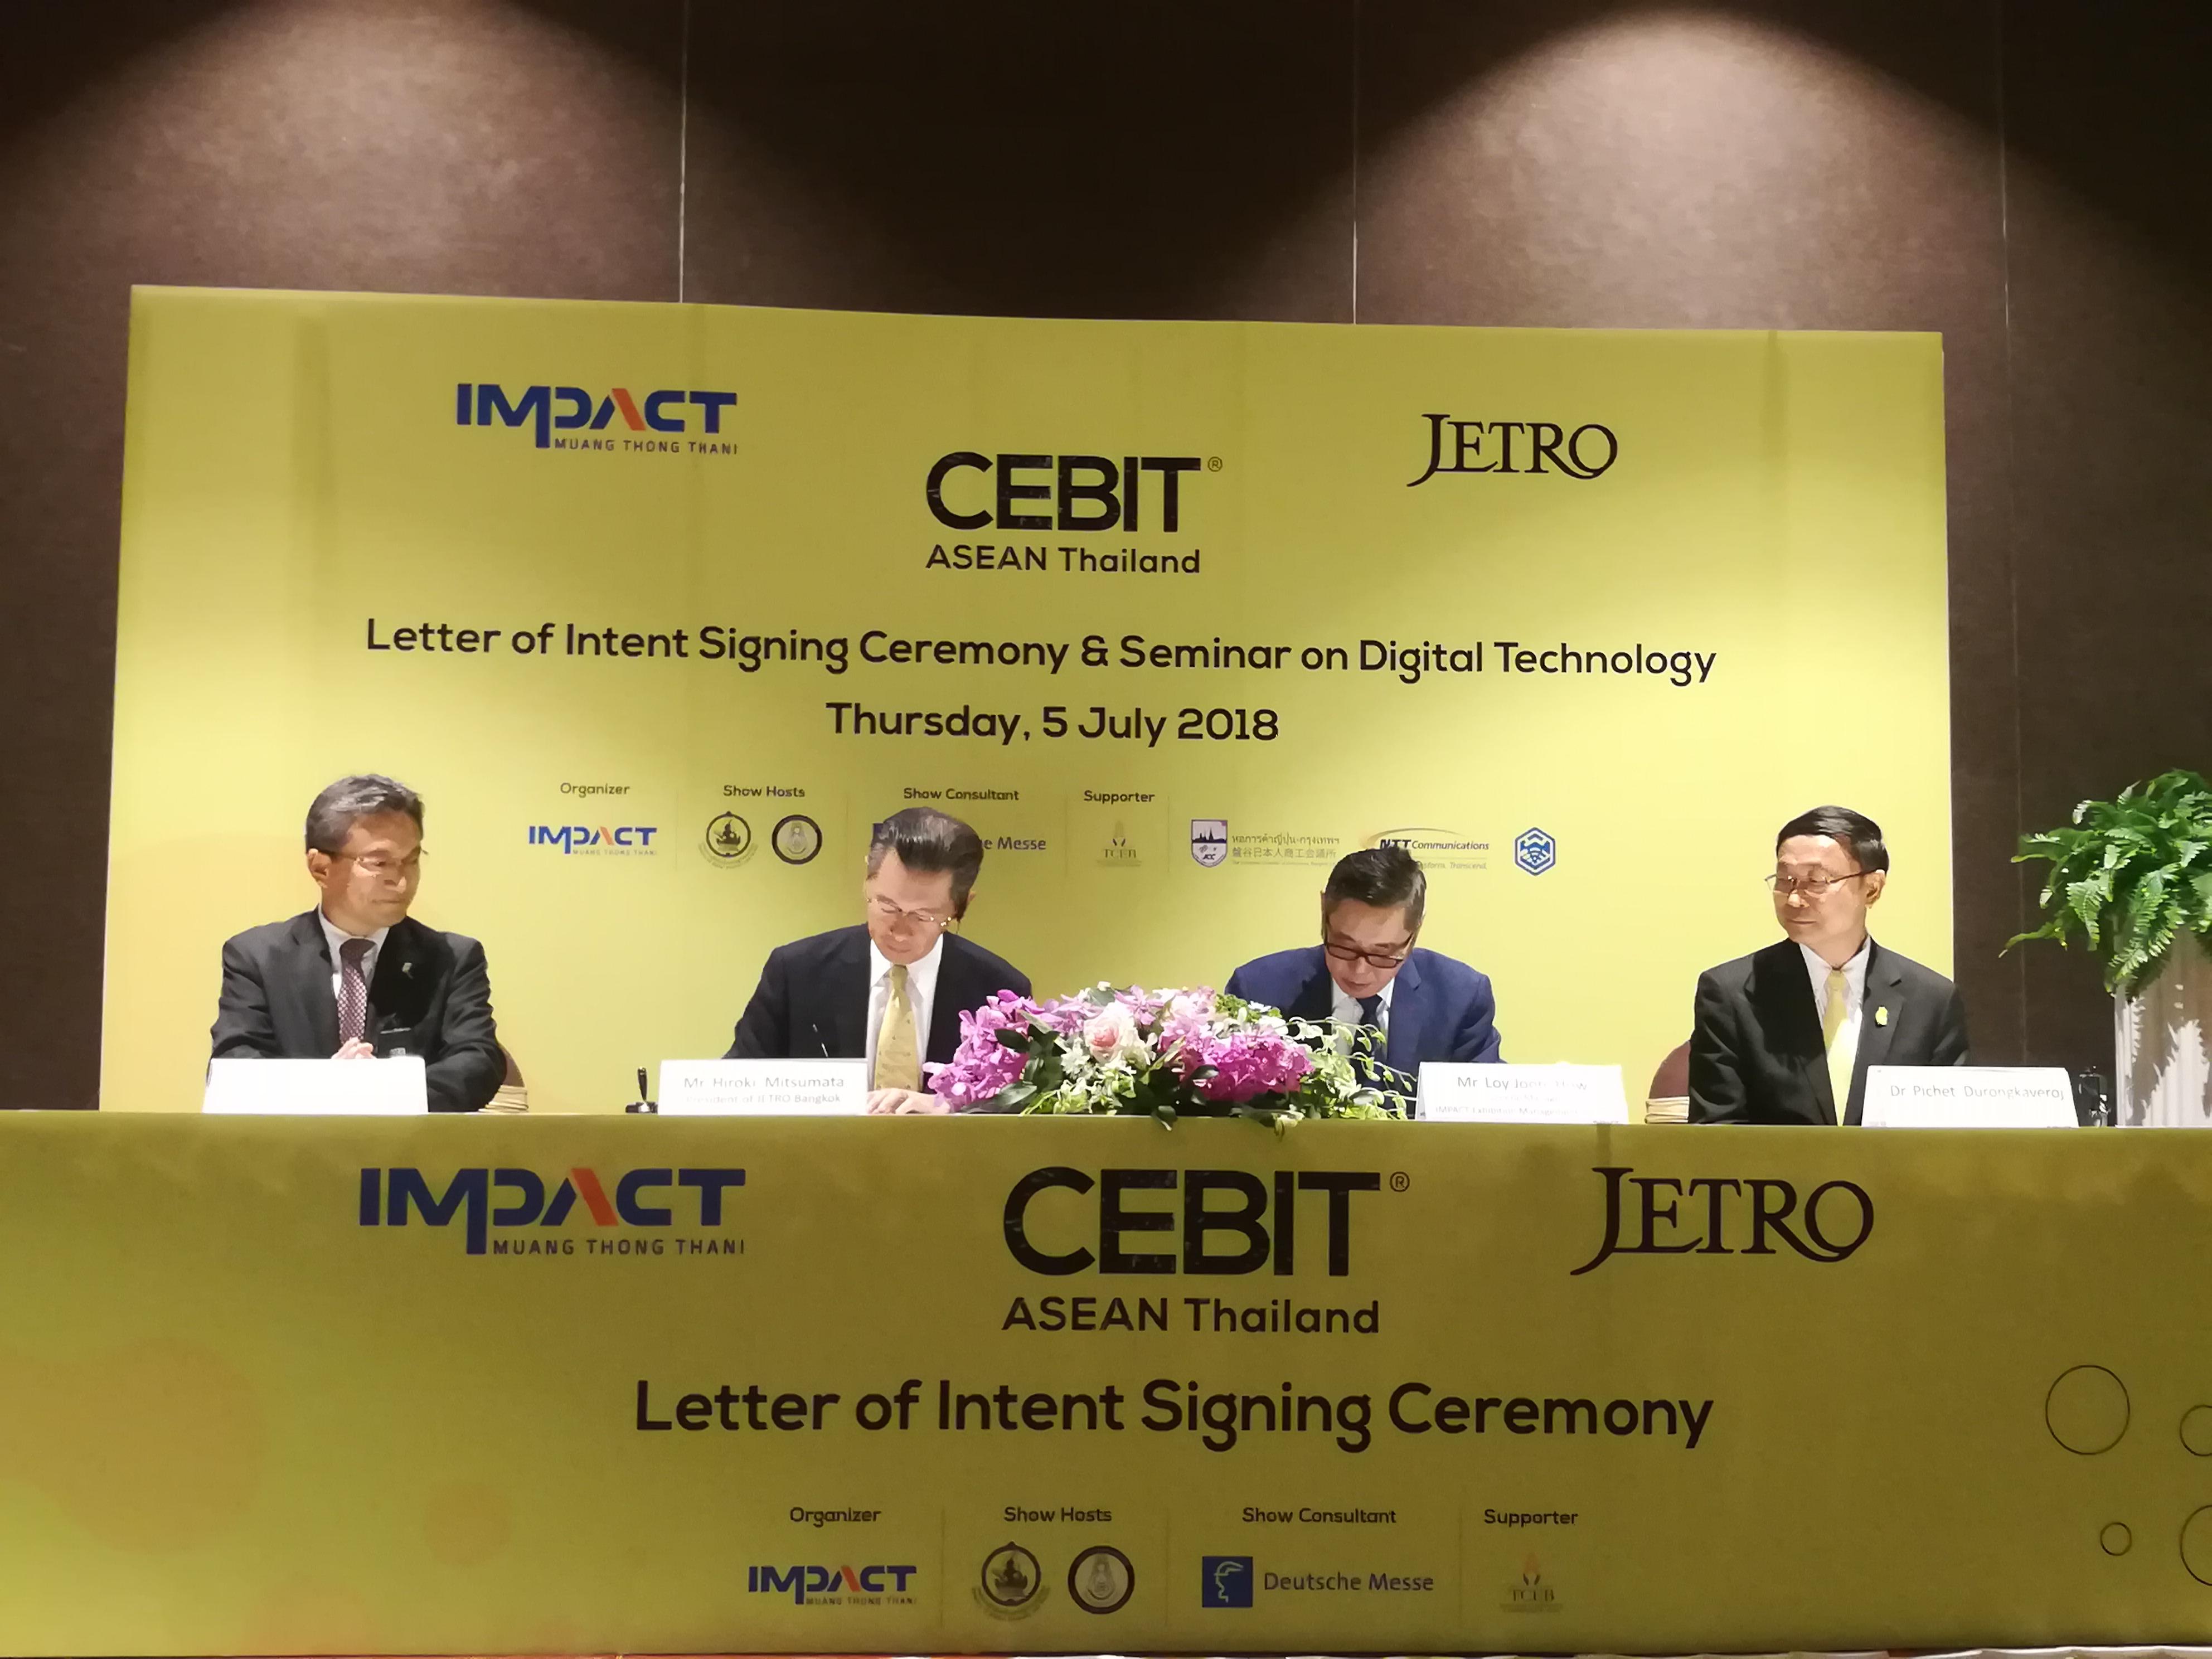 ジェトロ Archives - タイ・ASEANの今がわかるビジネス・経済情報誌 ...